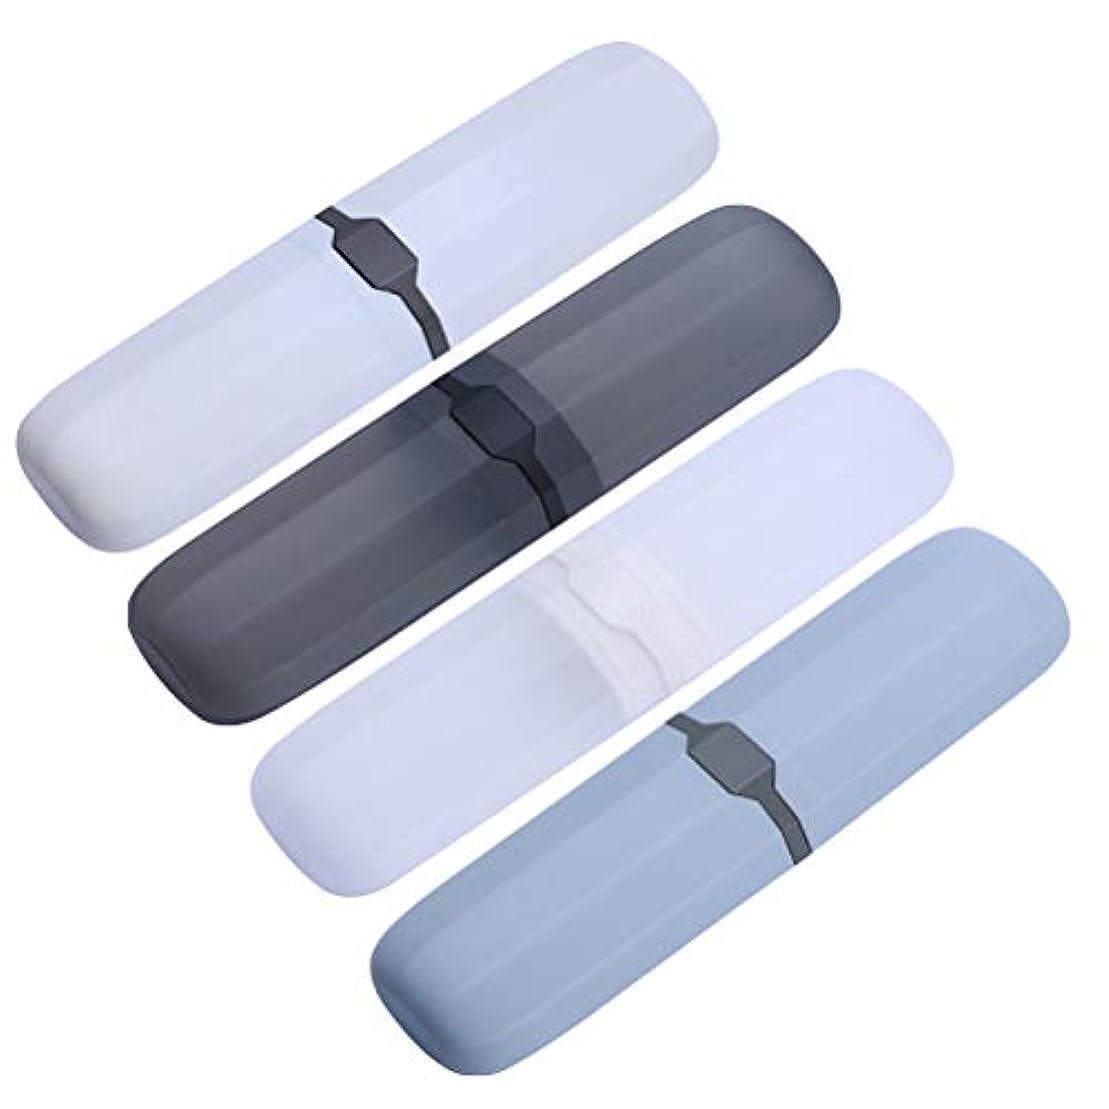 回想副安定しましたHealifty 4PCSポータブル旅行歯ブラシケースプラスチック歯磨き粉ボックス屋外用